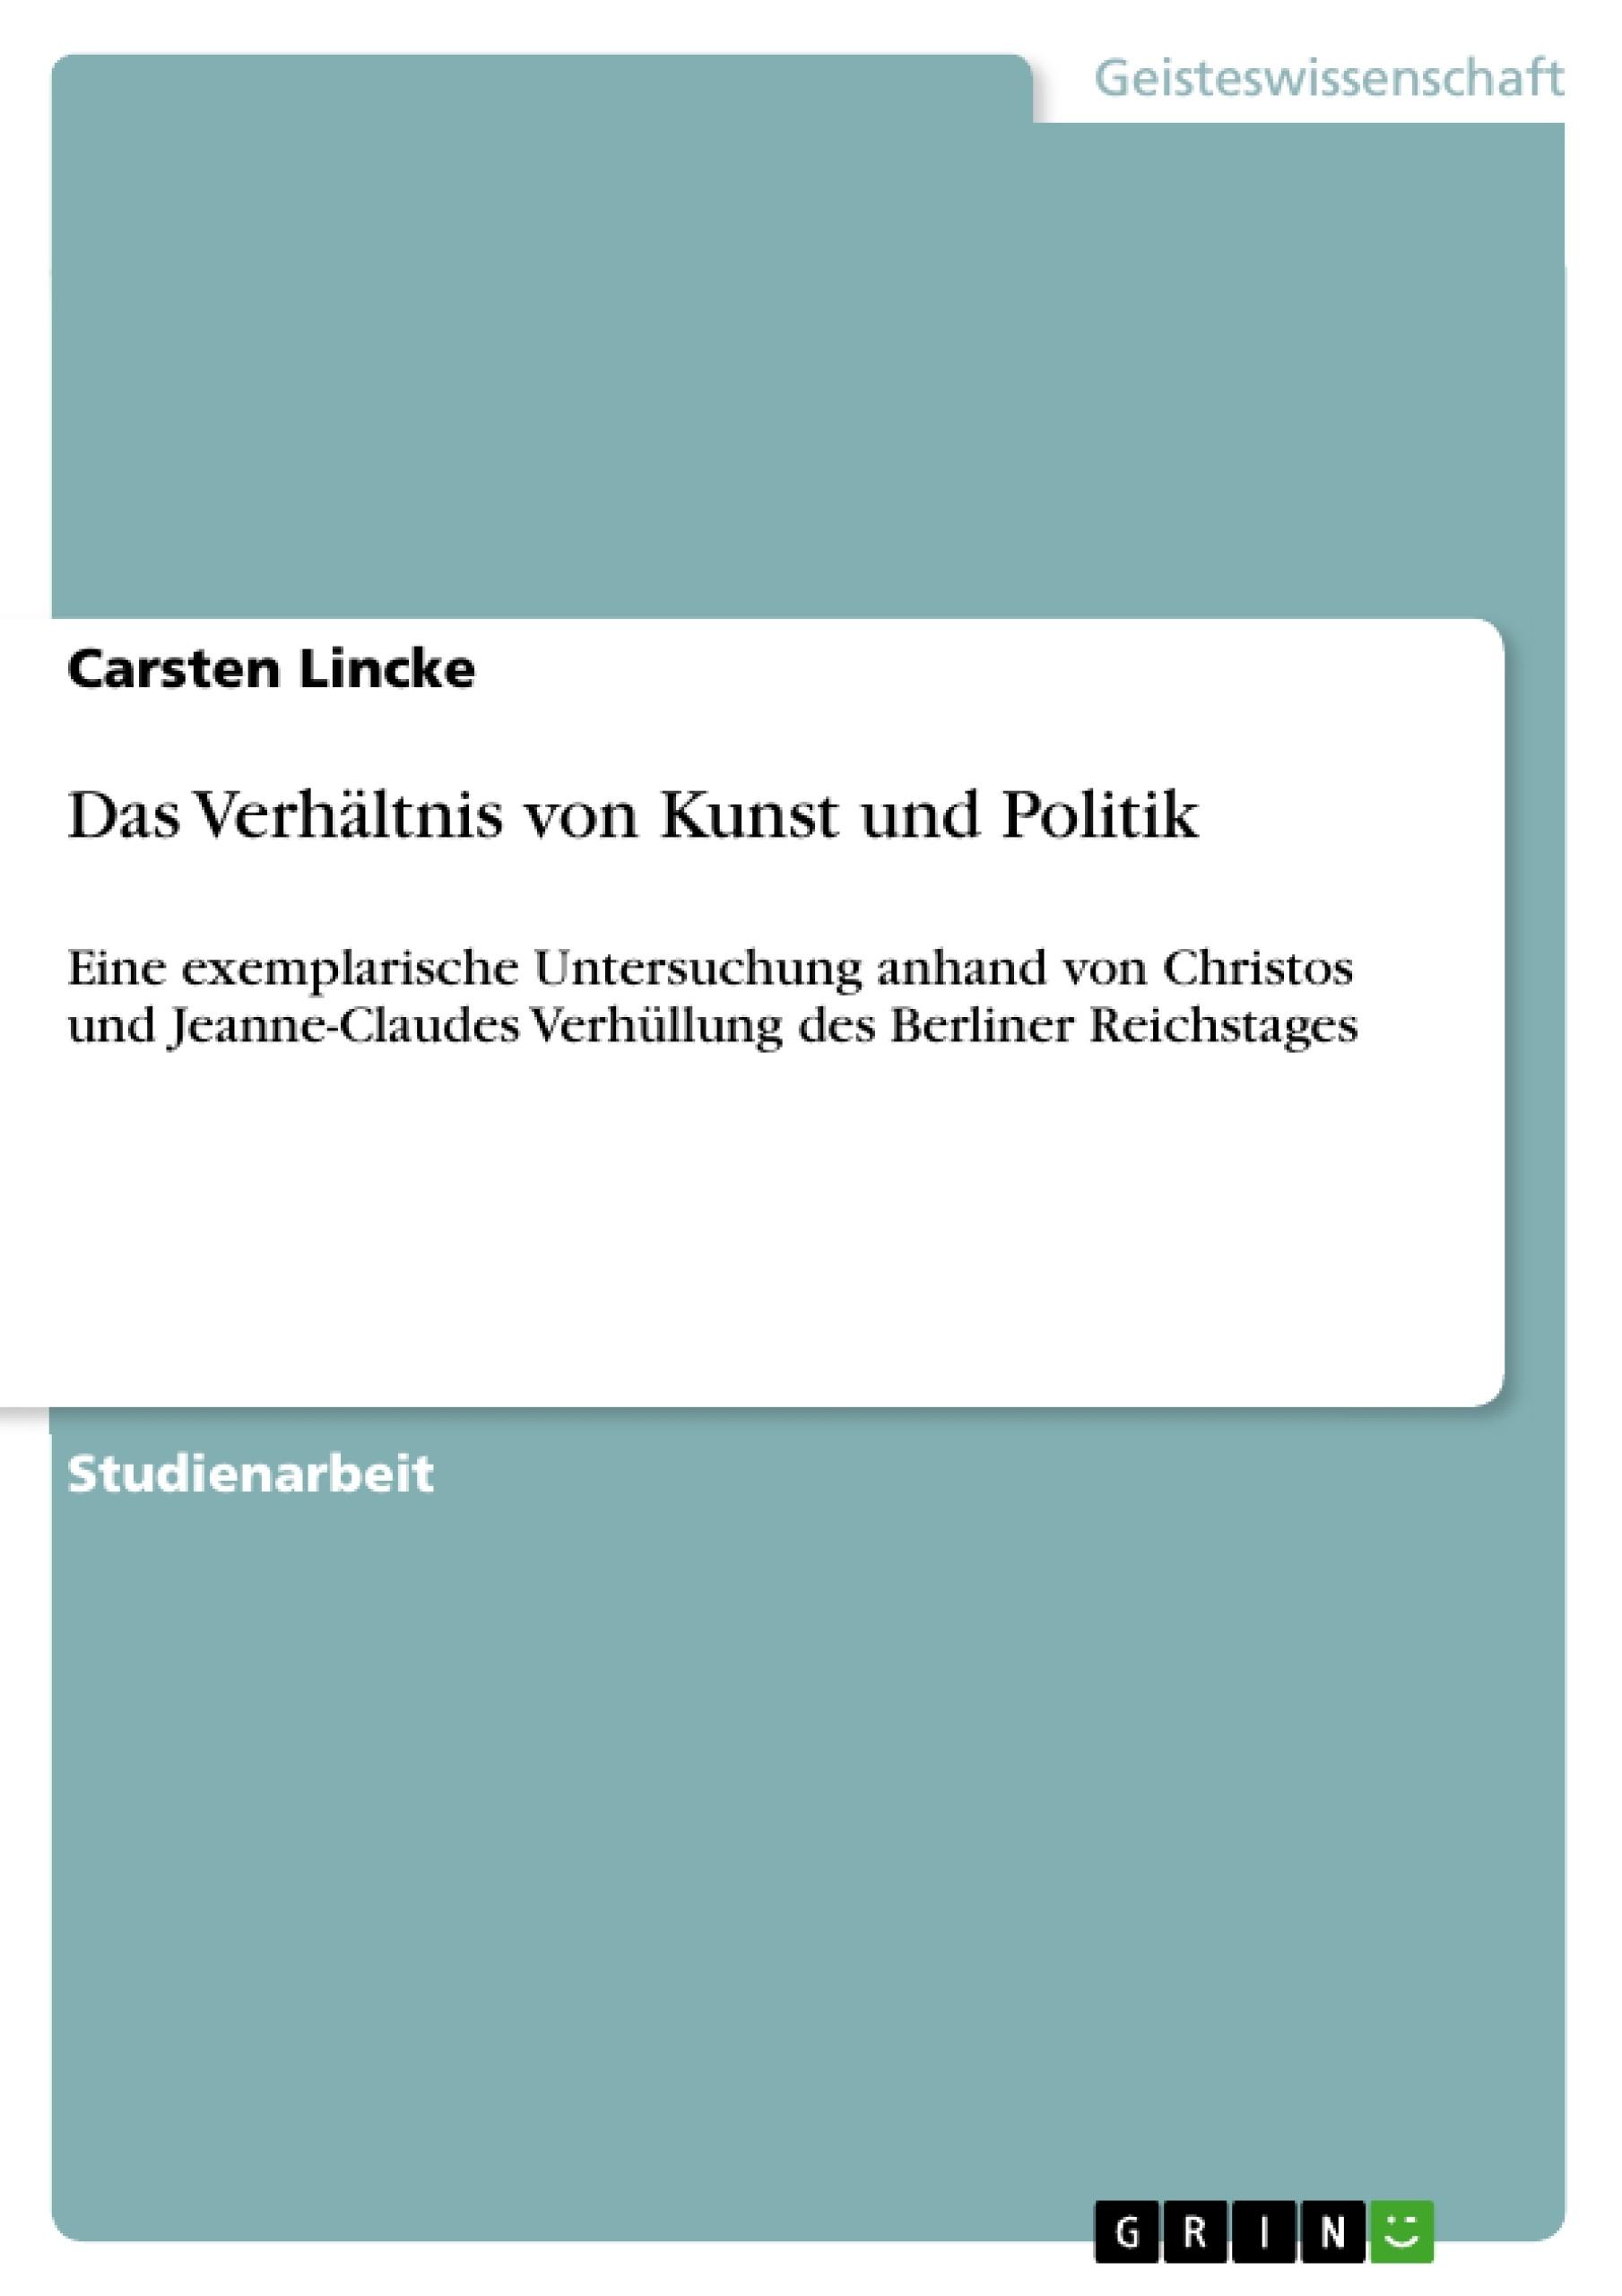 Titel: Das Verhältnis von Kunst und Politik